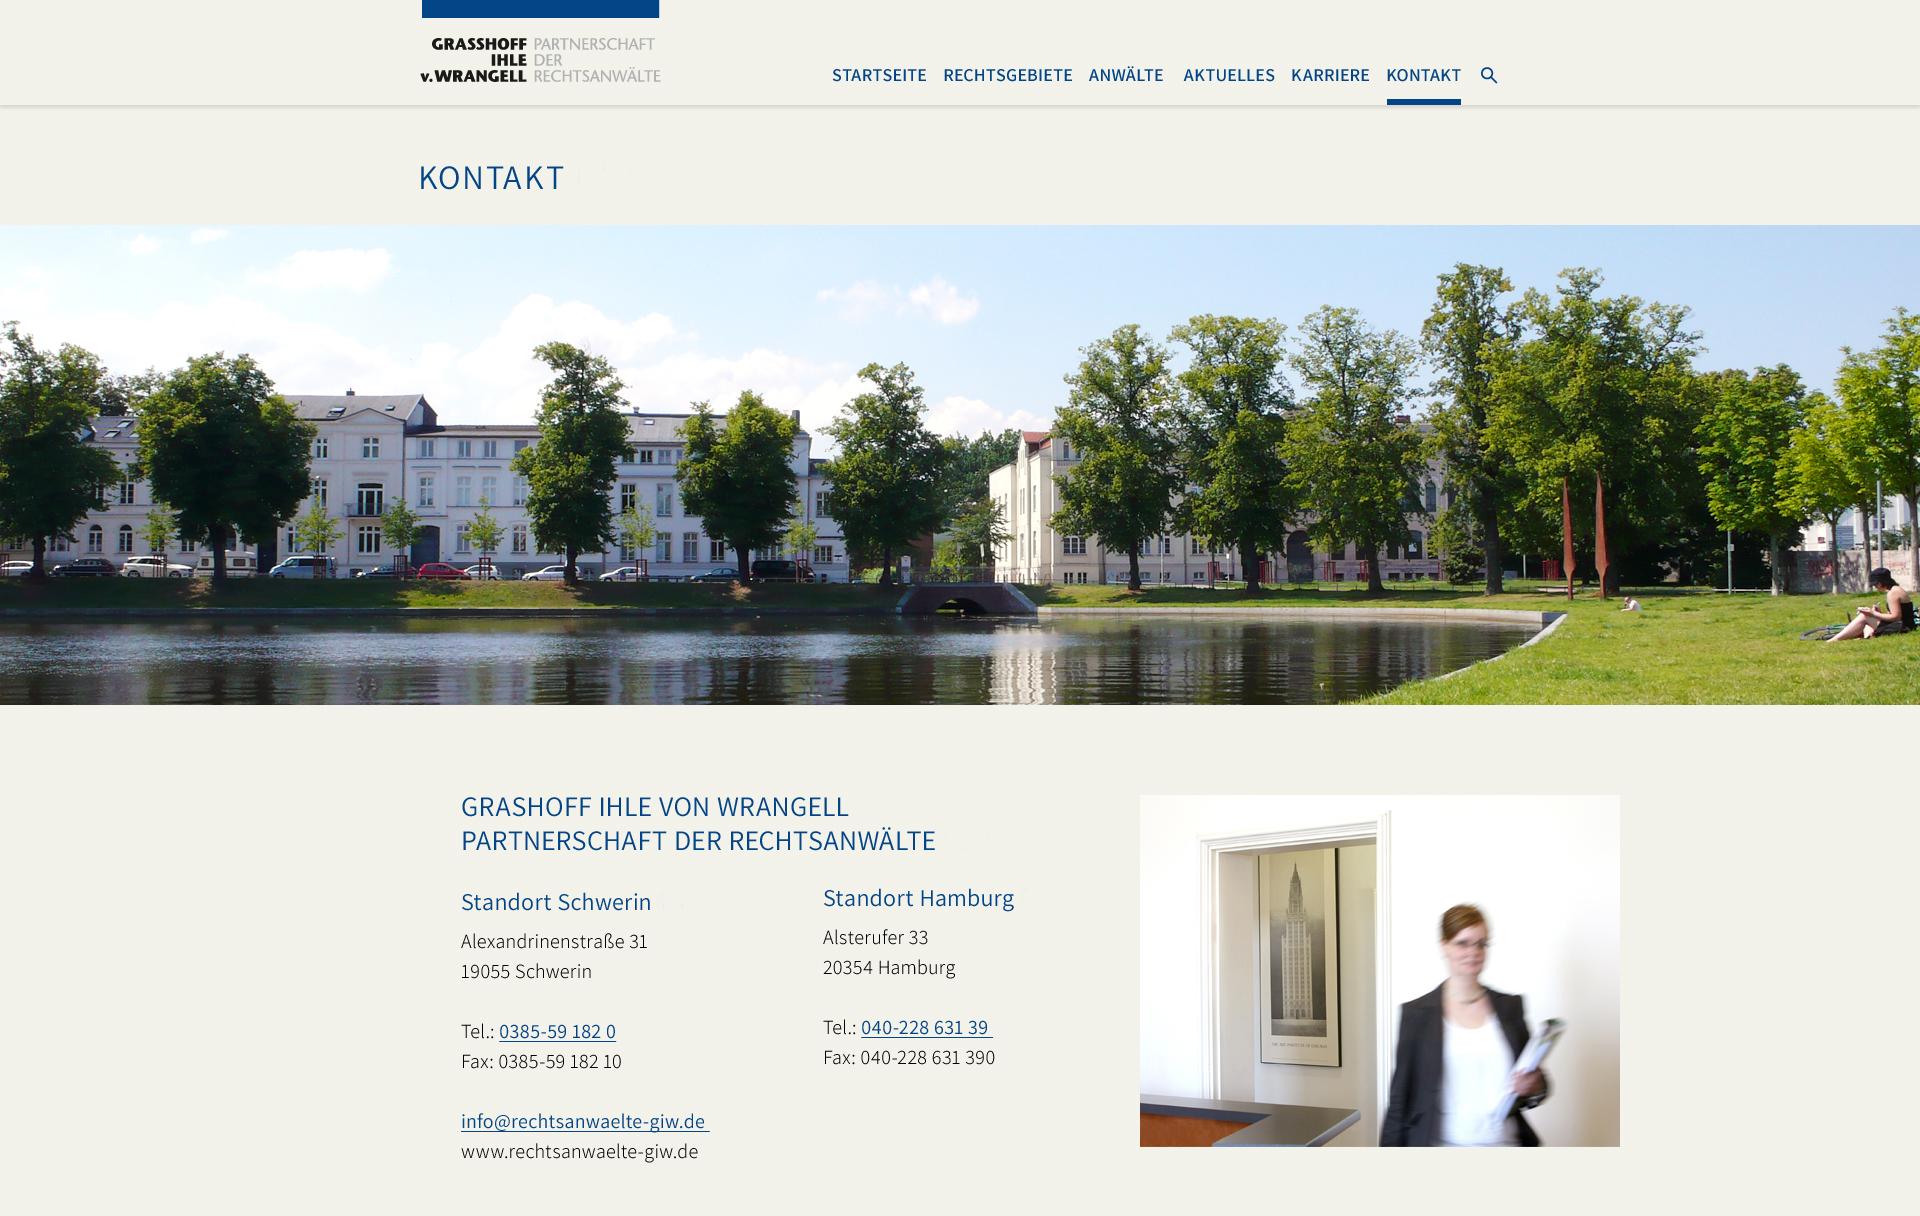 anwalts-kanzlei-kontakt-webdesign